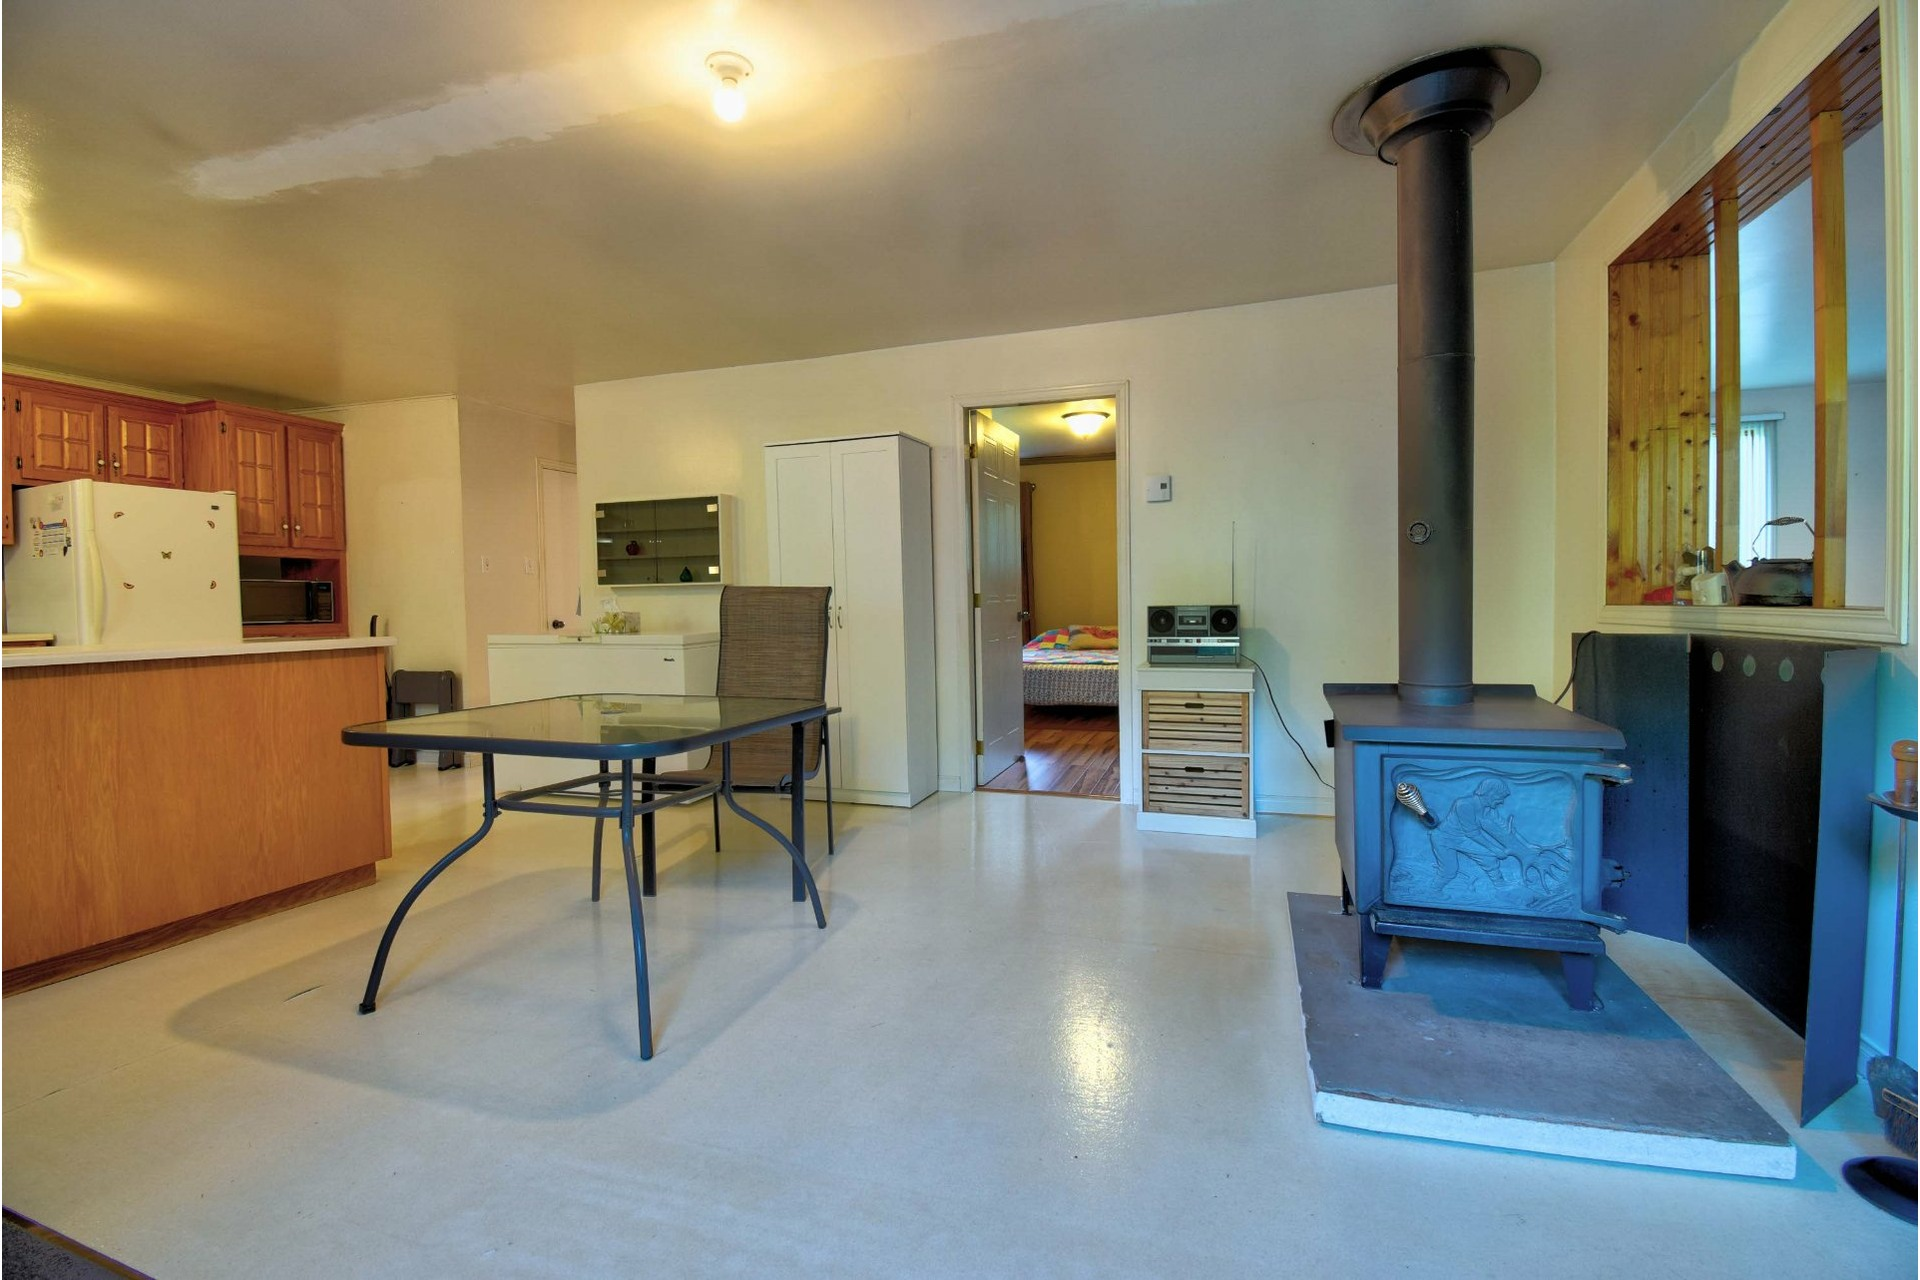 image 9 - House For sale Trois-Rivières - 6 rooms